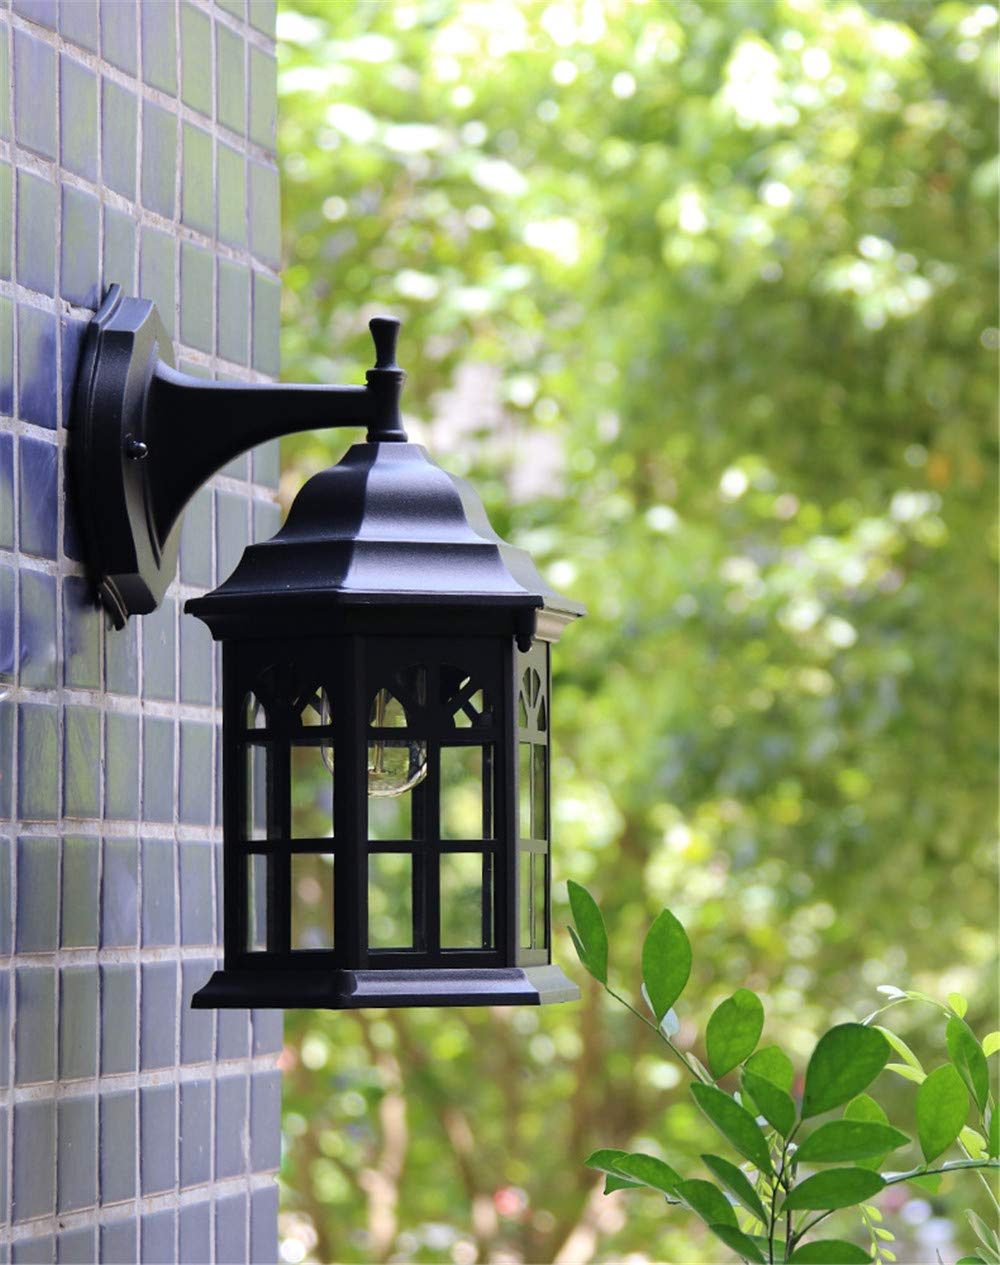 HRCxue Außenwandleuchten Garten-Wandleuchte im Freien wasserdichte Terrasse Wand Lampe Villa im Freien Korridor Shop Dekoration Lampe, weiße KorrosionsBesteändigkeit